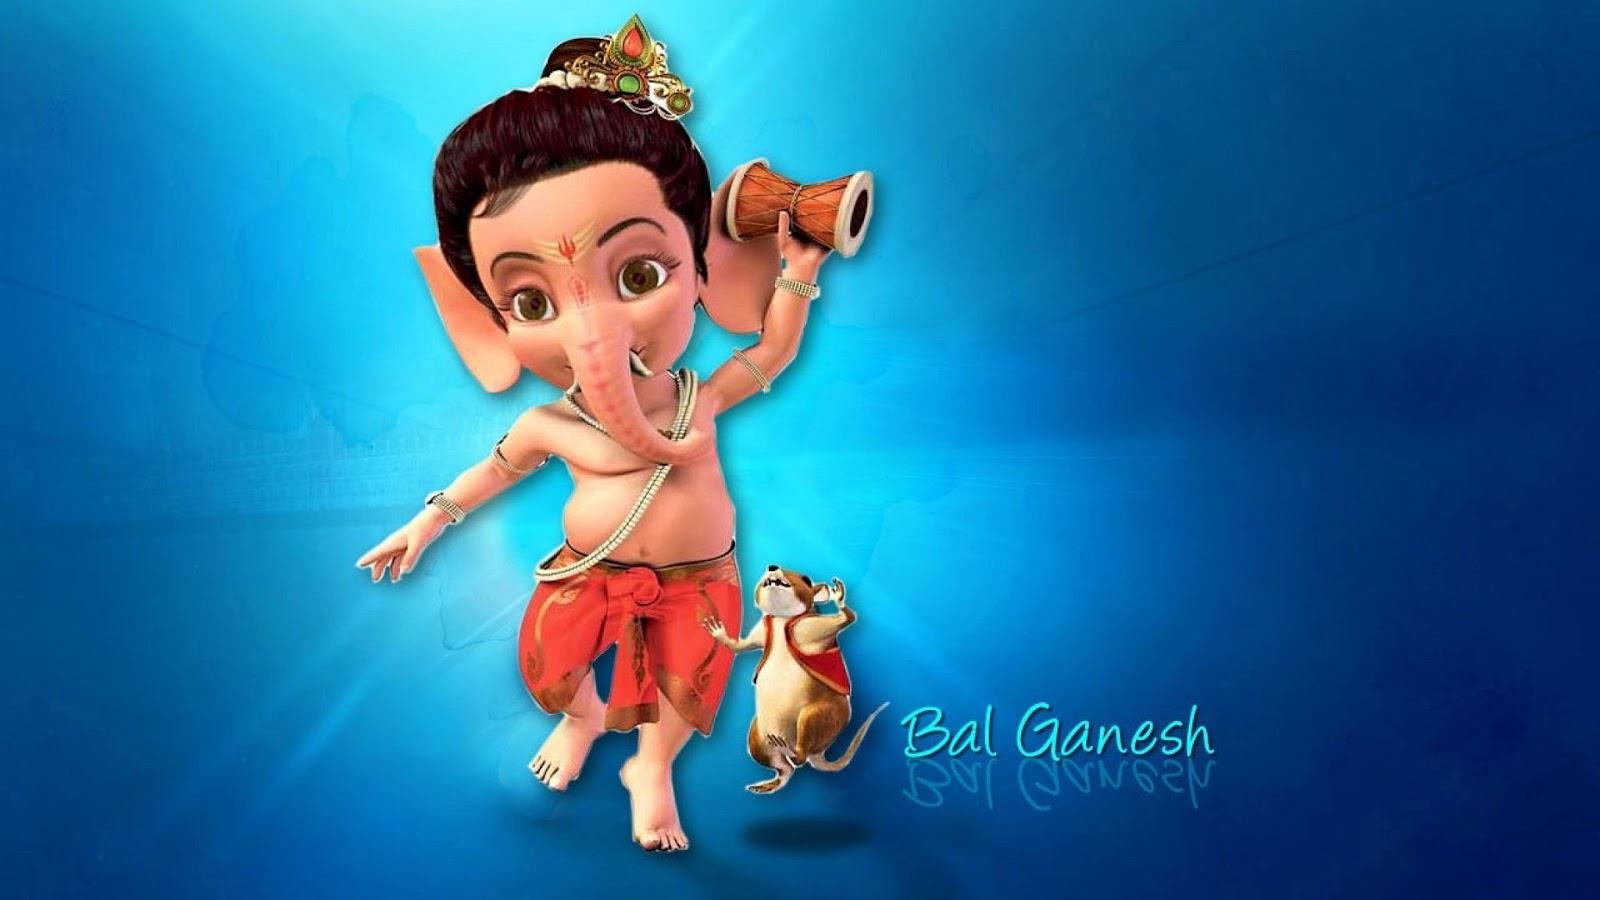 Bal Ganesh 3d Pics Vinny Oleo Vegetal Info